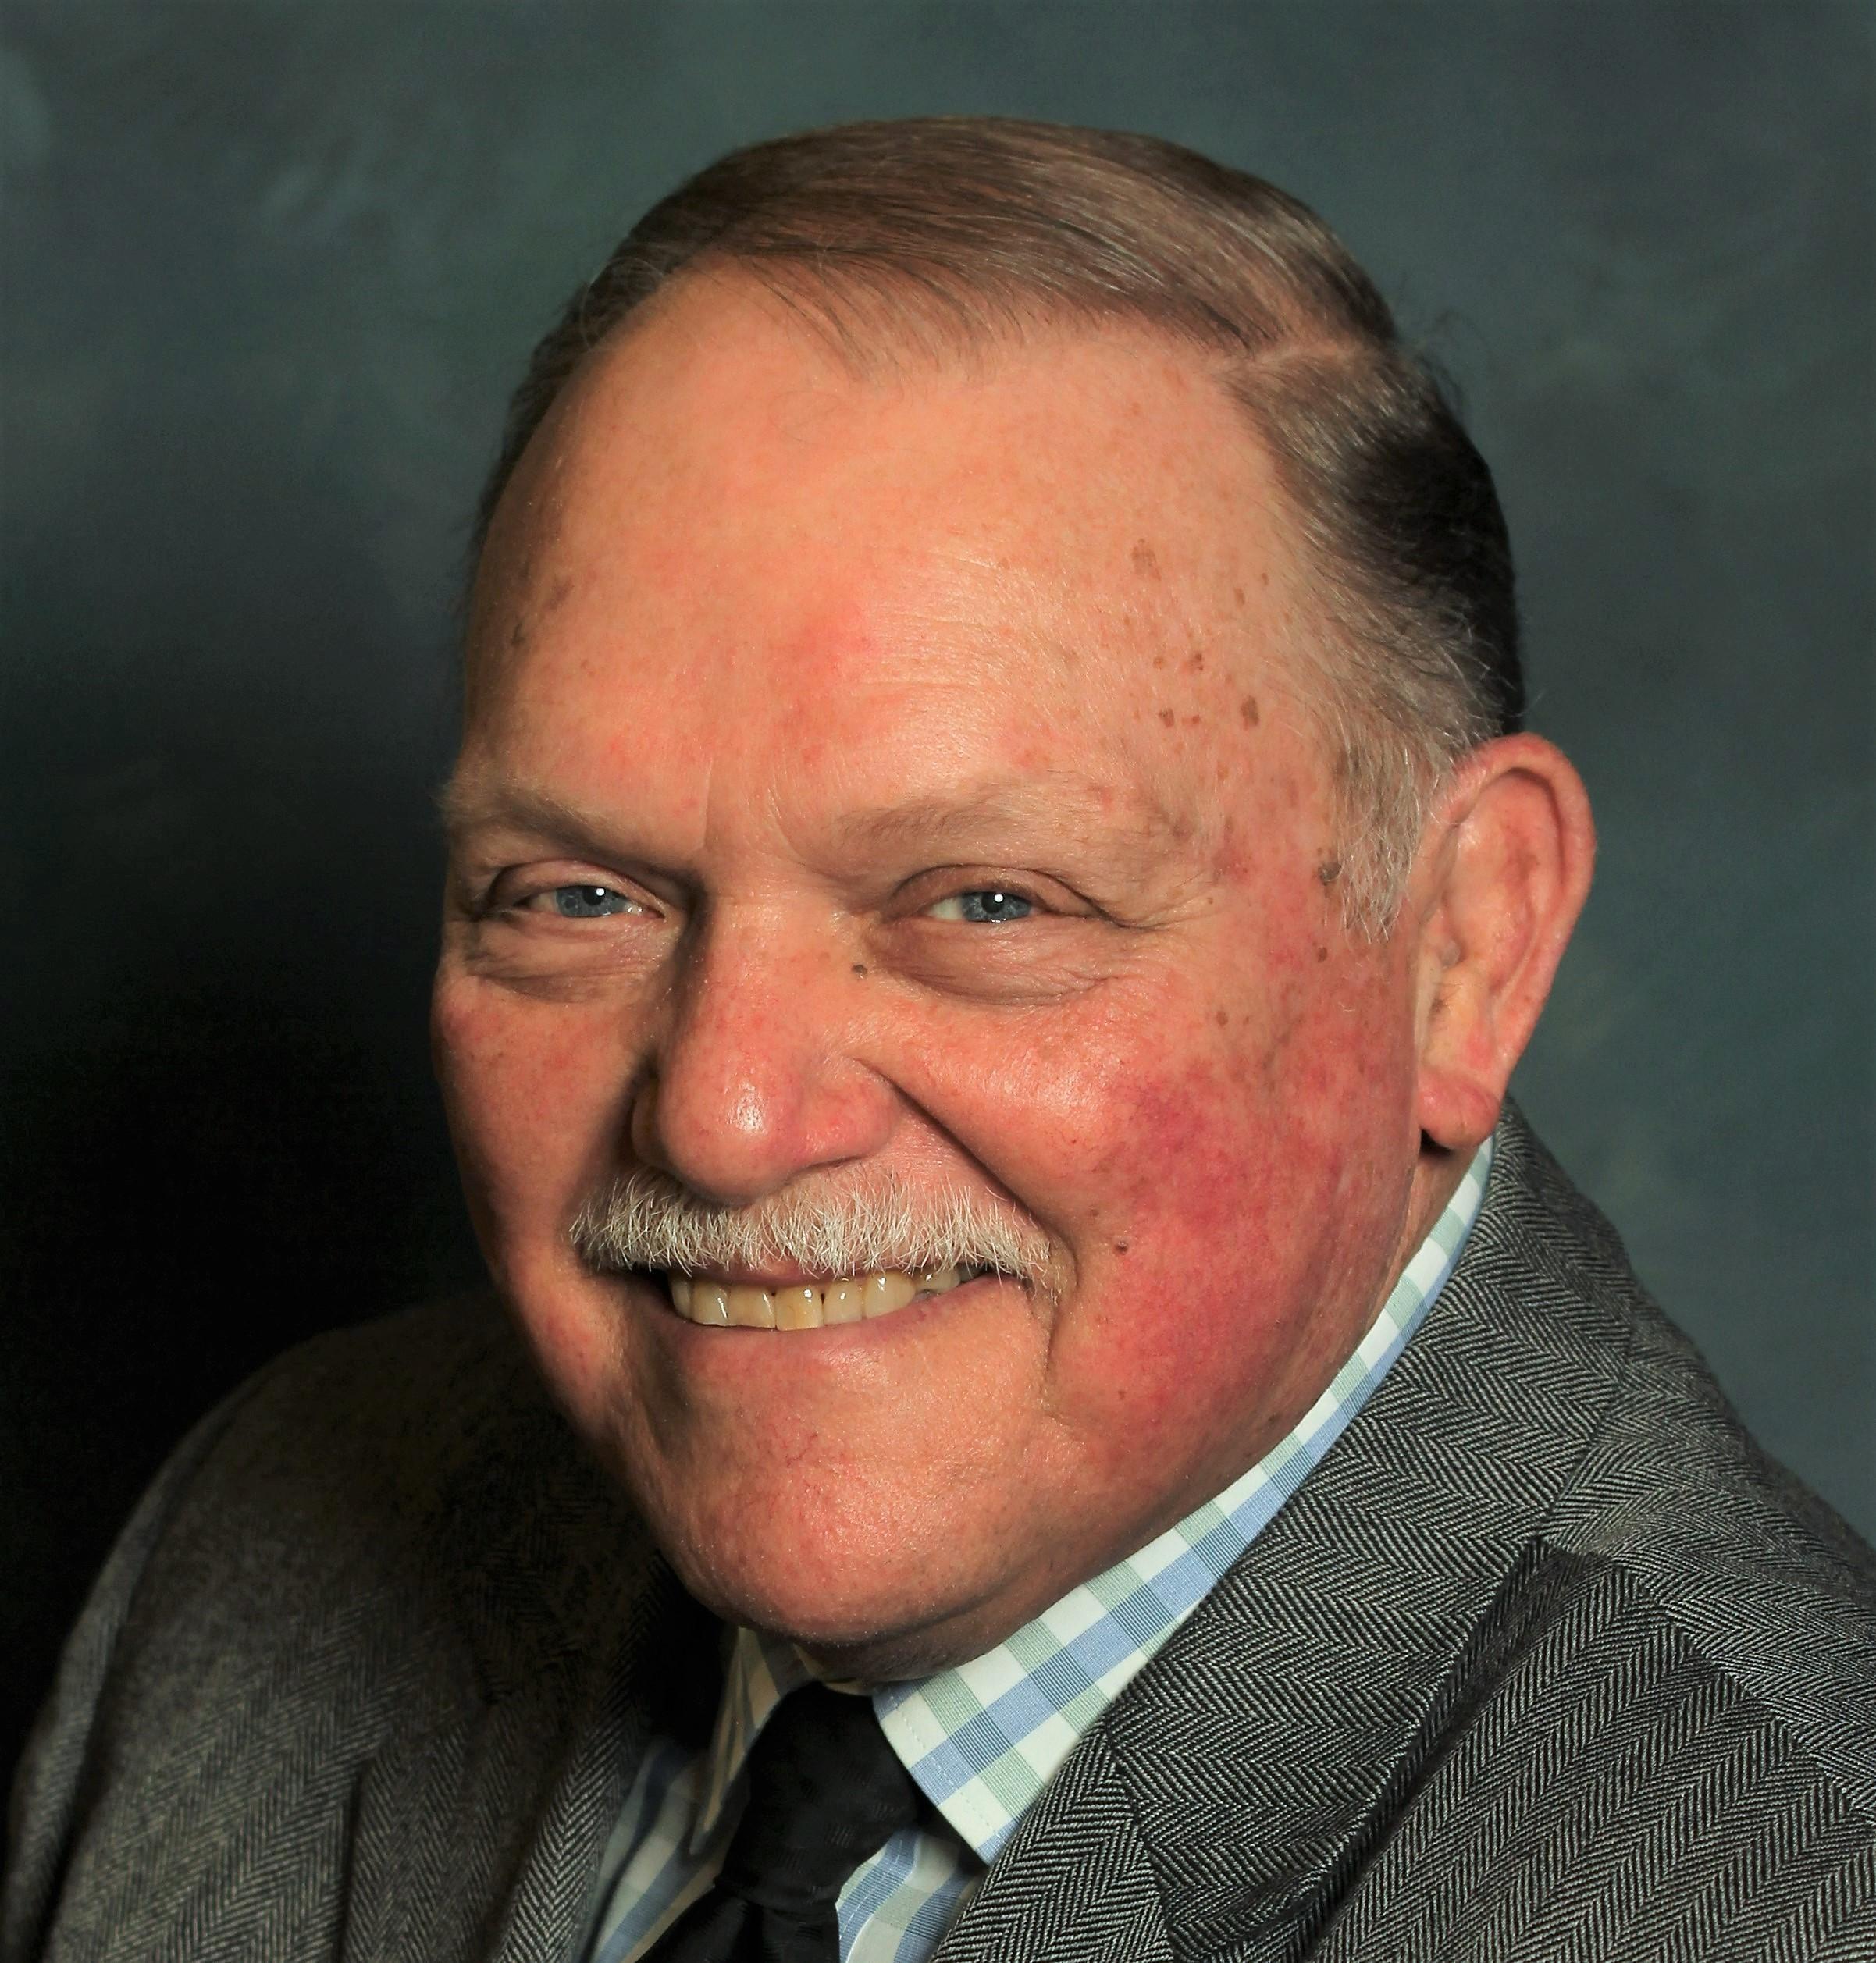 Donald Shelton